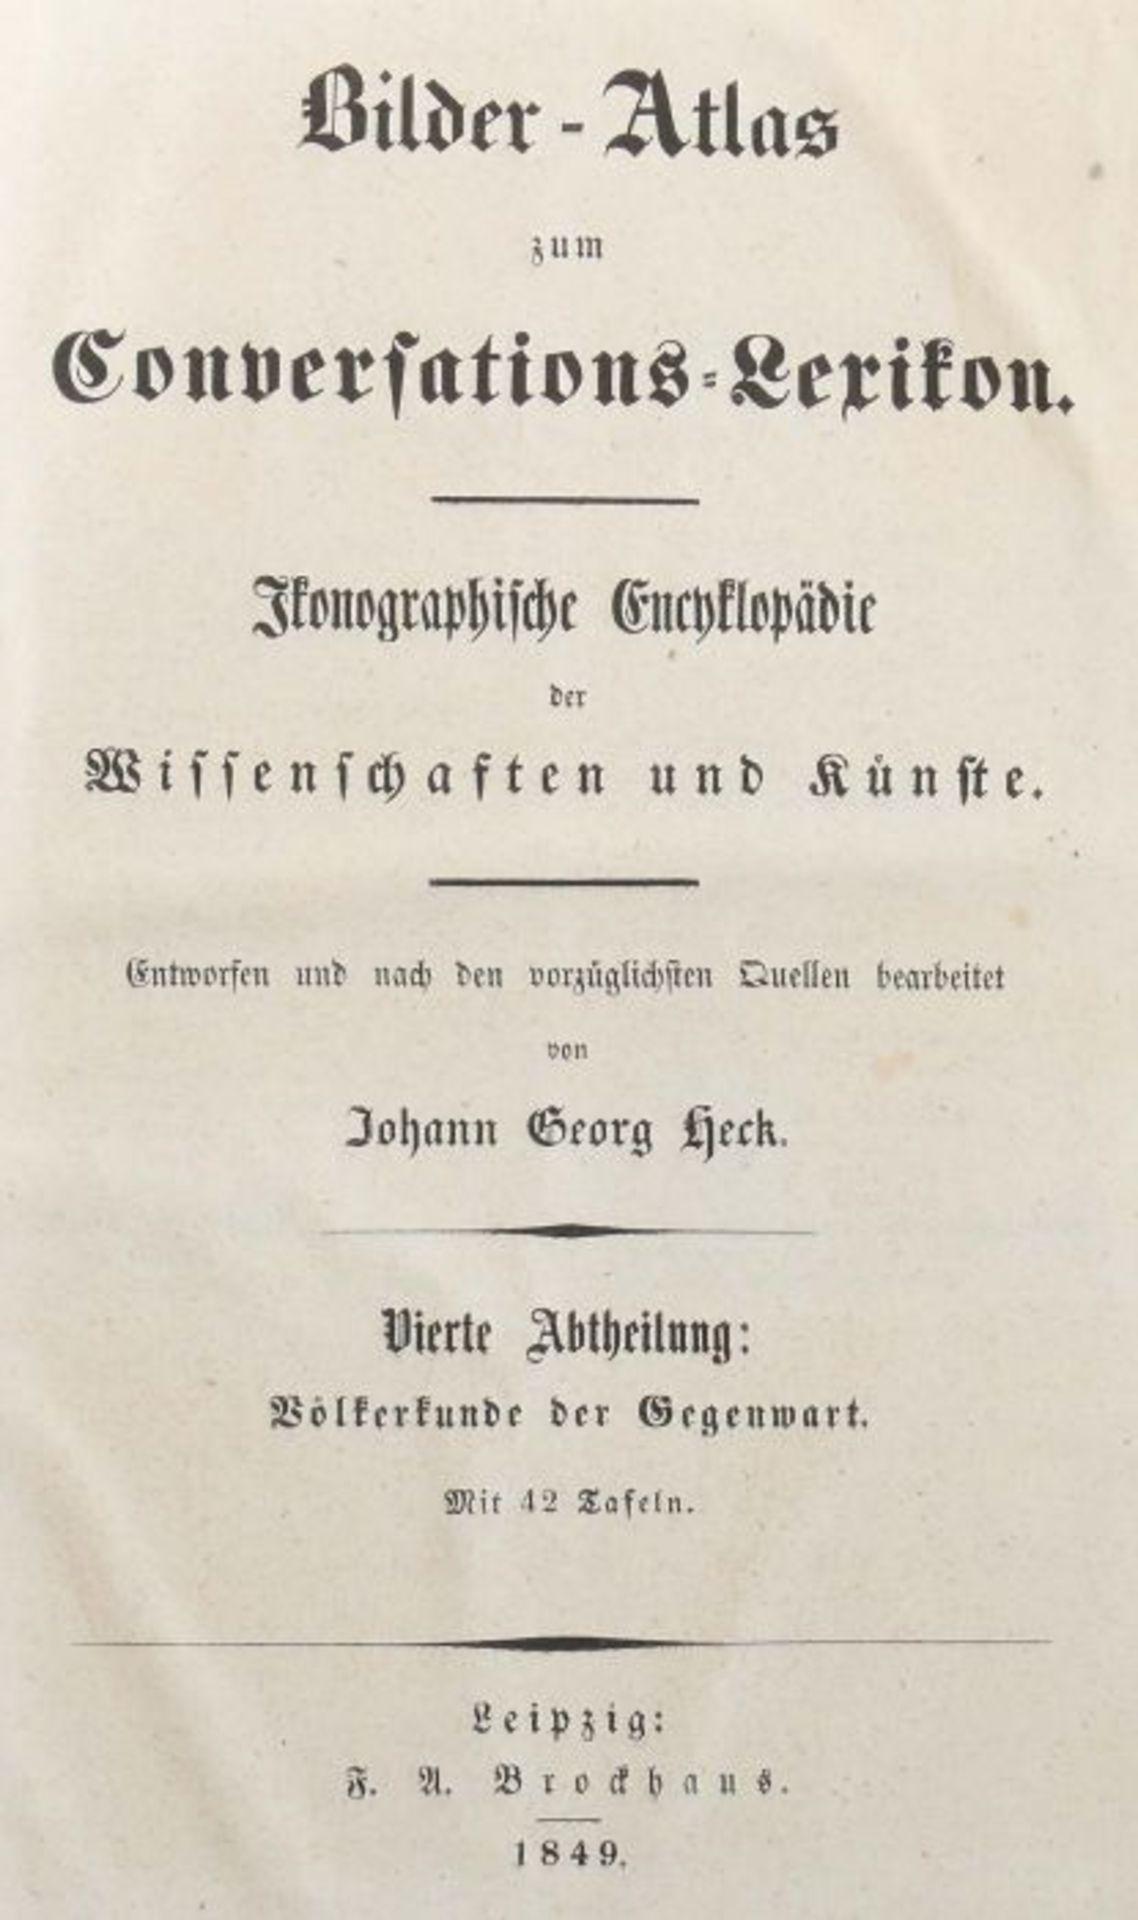 Heck, Johann Georg (bearb.) Bilder-Atlas zum Conversations-Lexikon - Ikonographische Encyklopädie - Bild 3 aus 7